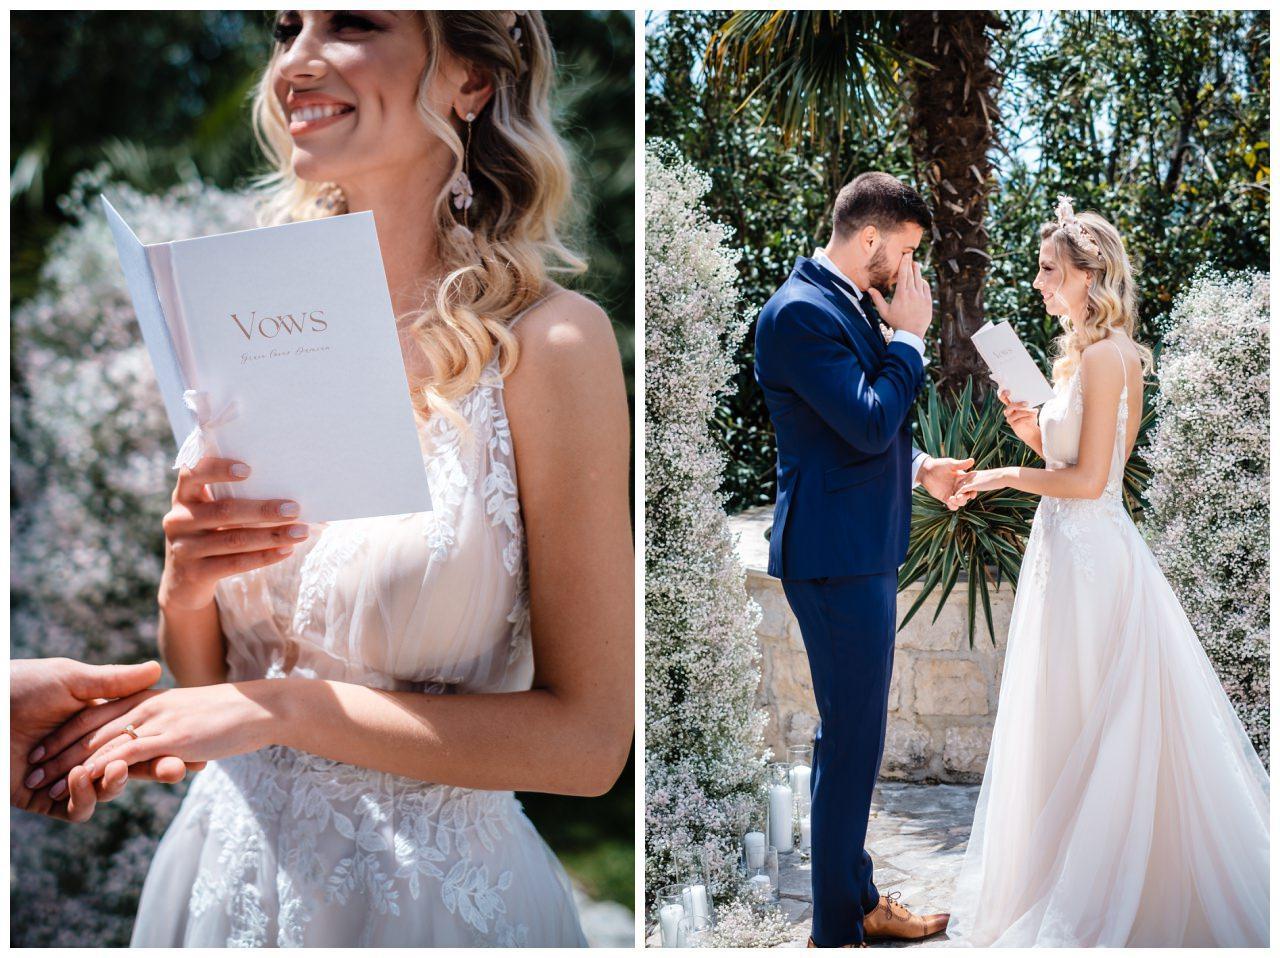 Hochzeit Villa Kroatien Hochzeitsplanung Fotograf 10 - Romantische Hochzeit in einer Villa